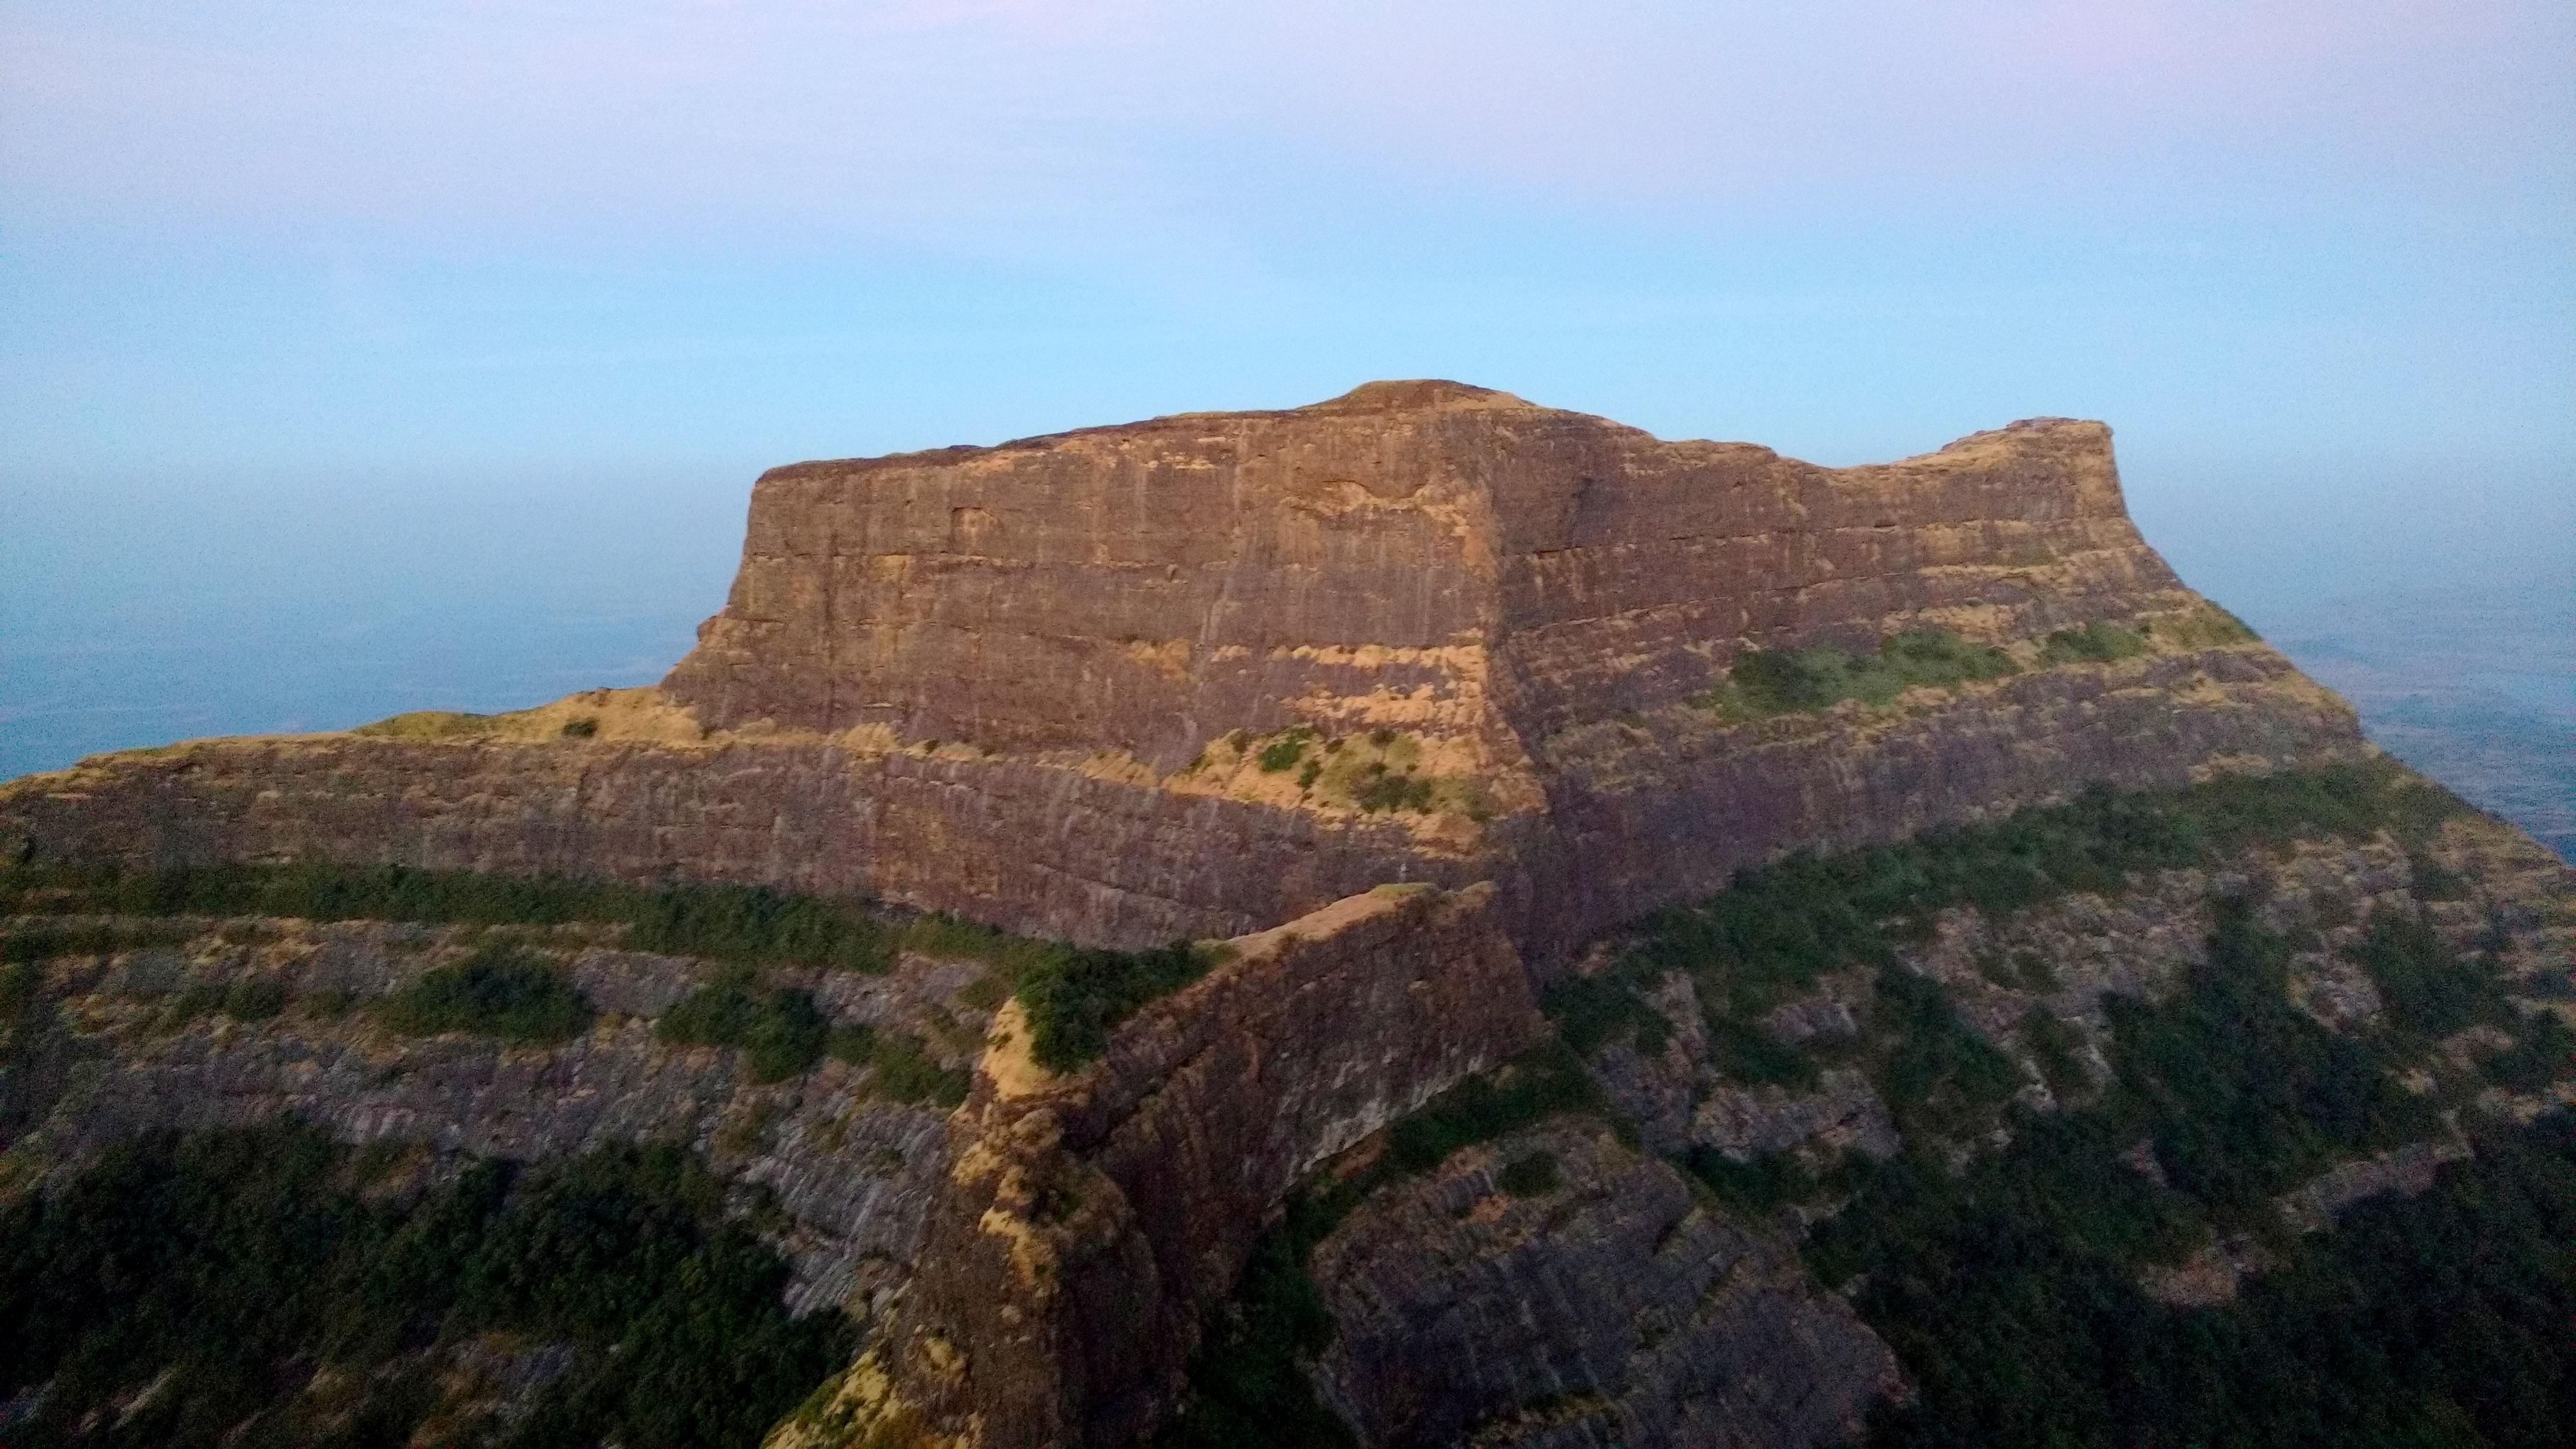 Kulang Fort Wikipedia